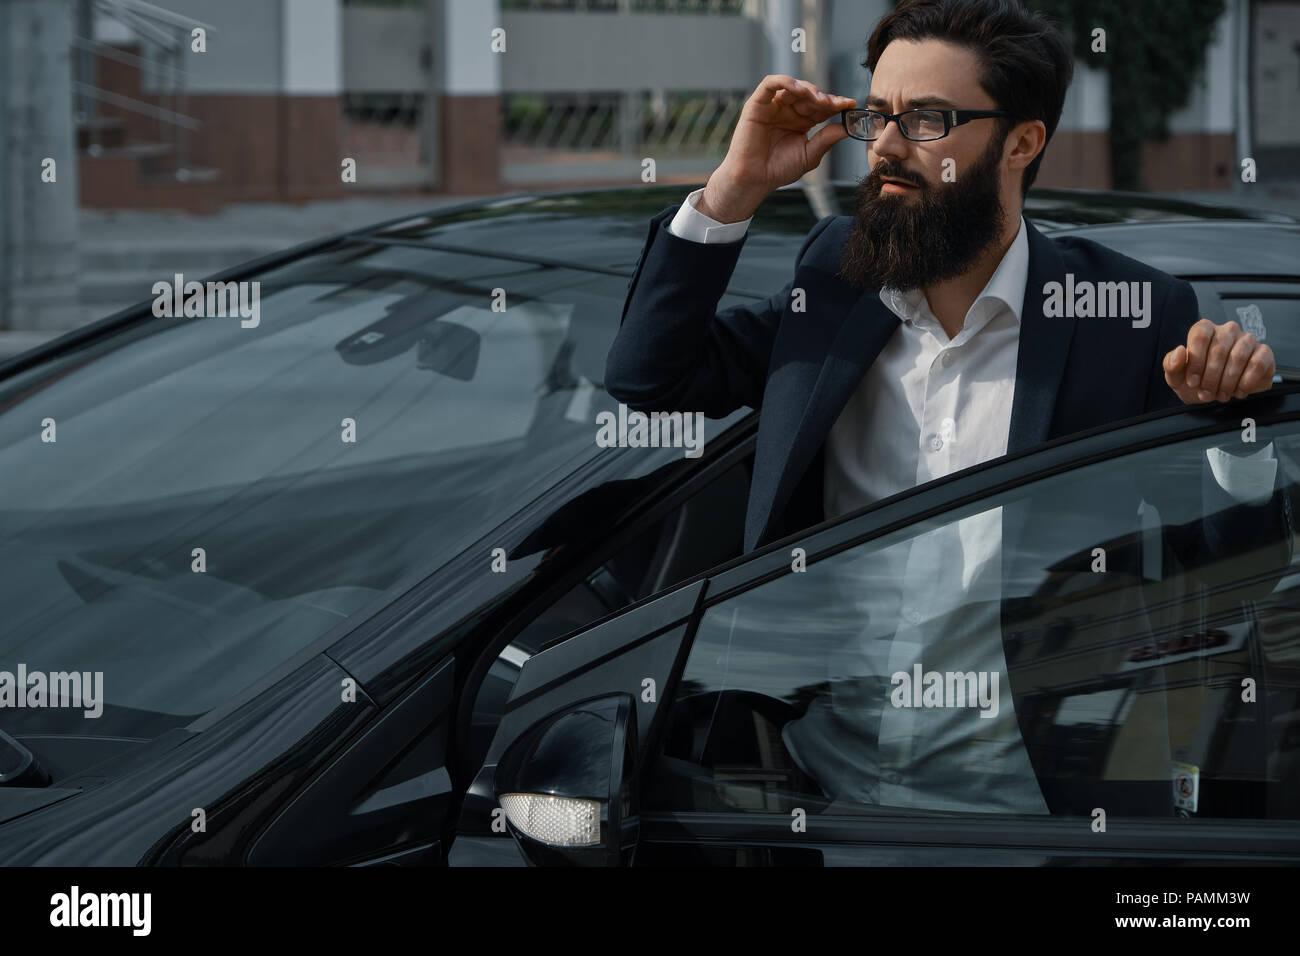 Fiducioso uomo in abbigliamento formale tenendo la mano aperta sulla porta auto wat Immagini Stock